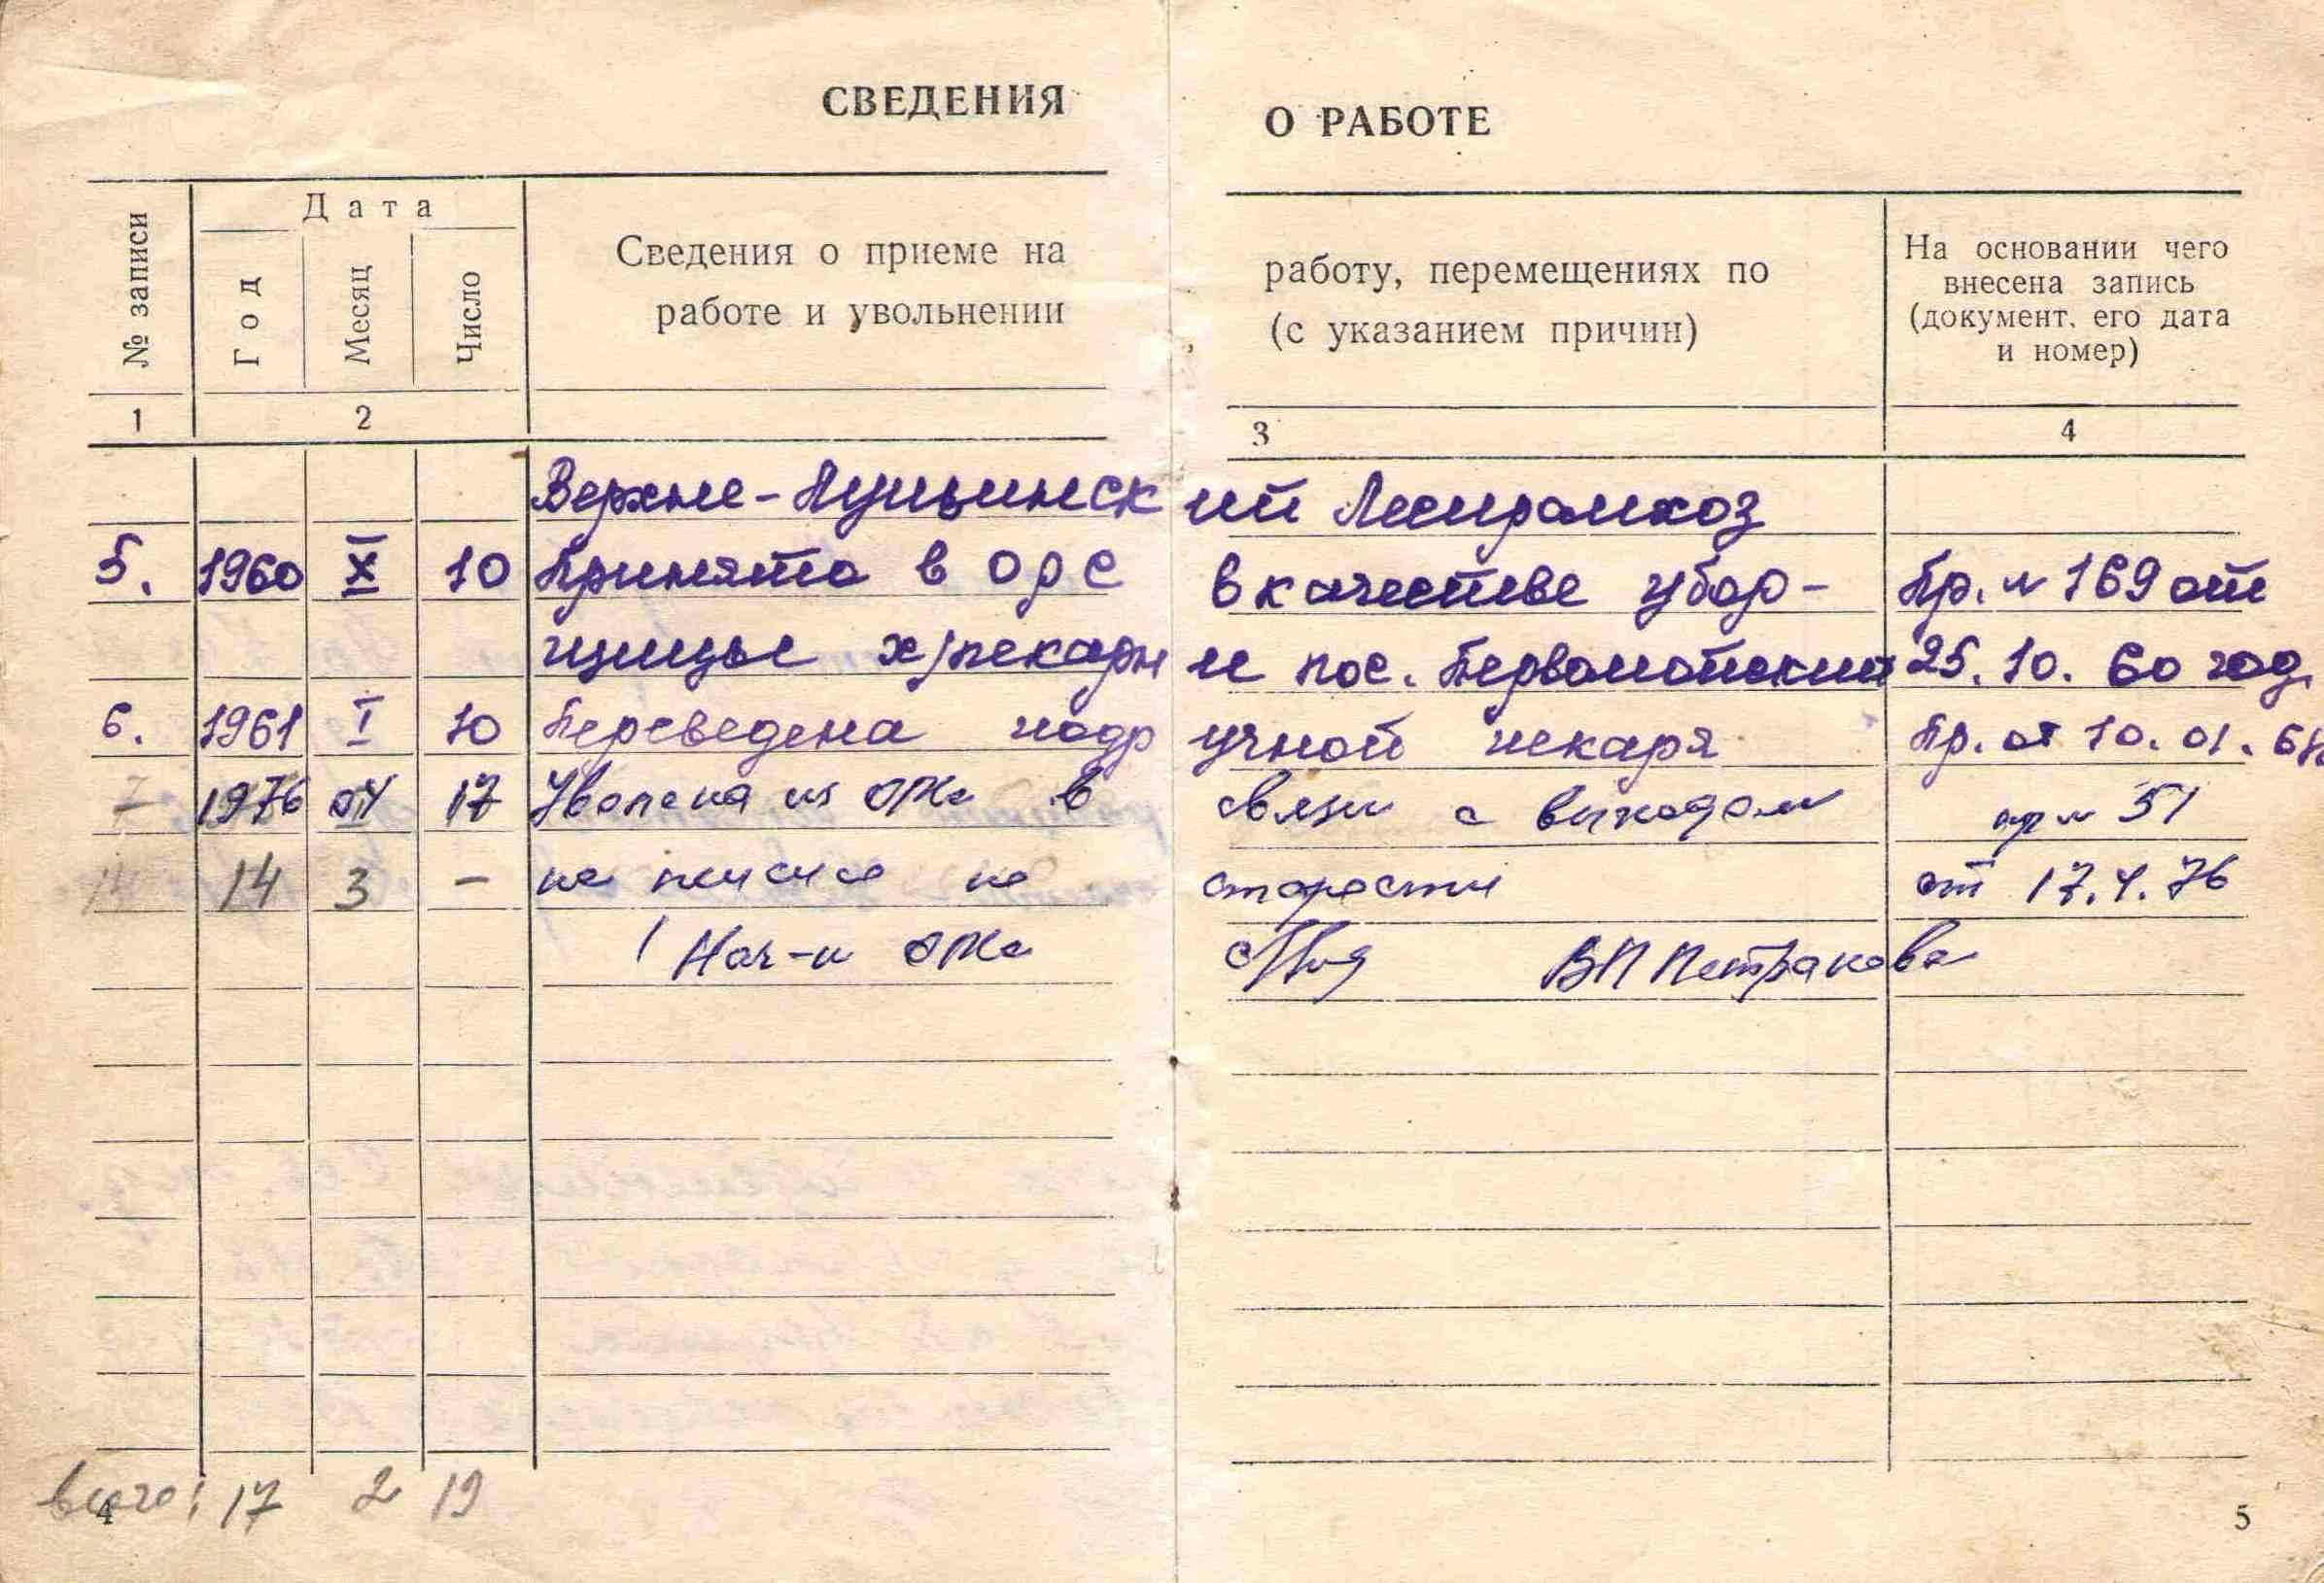 37. Трудовая книжка Барыкиной МГ, 1957.